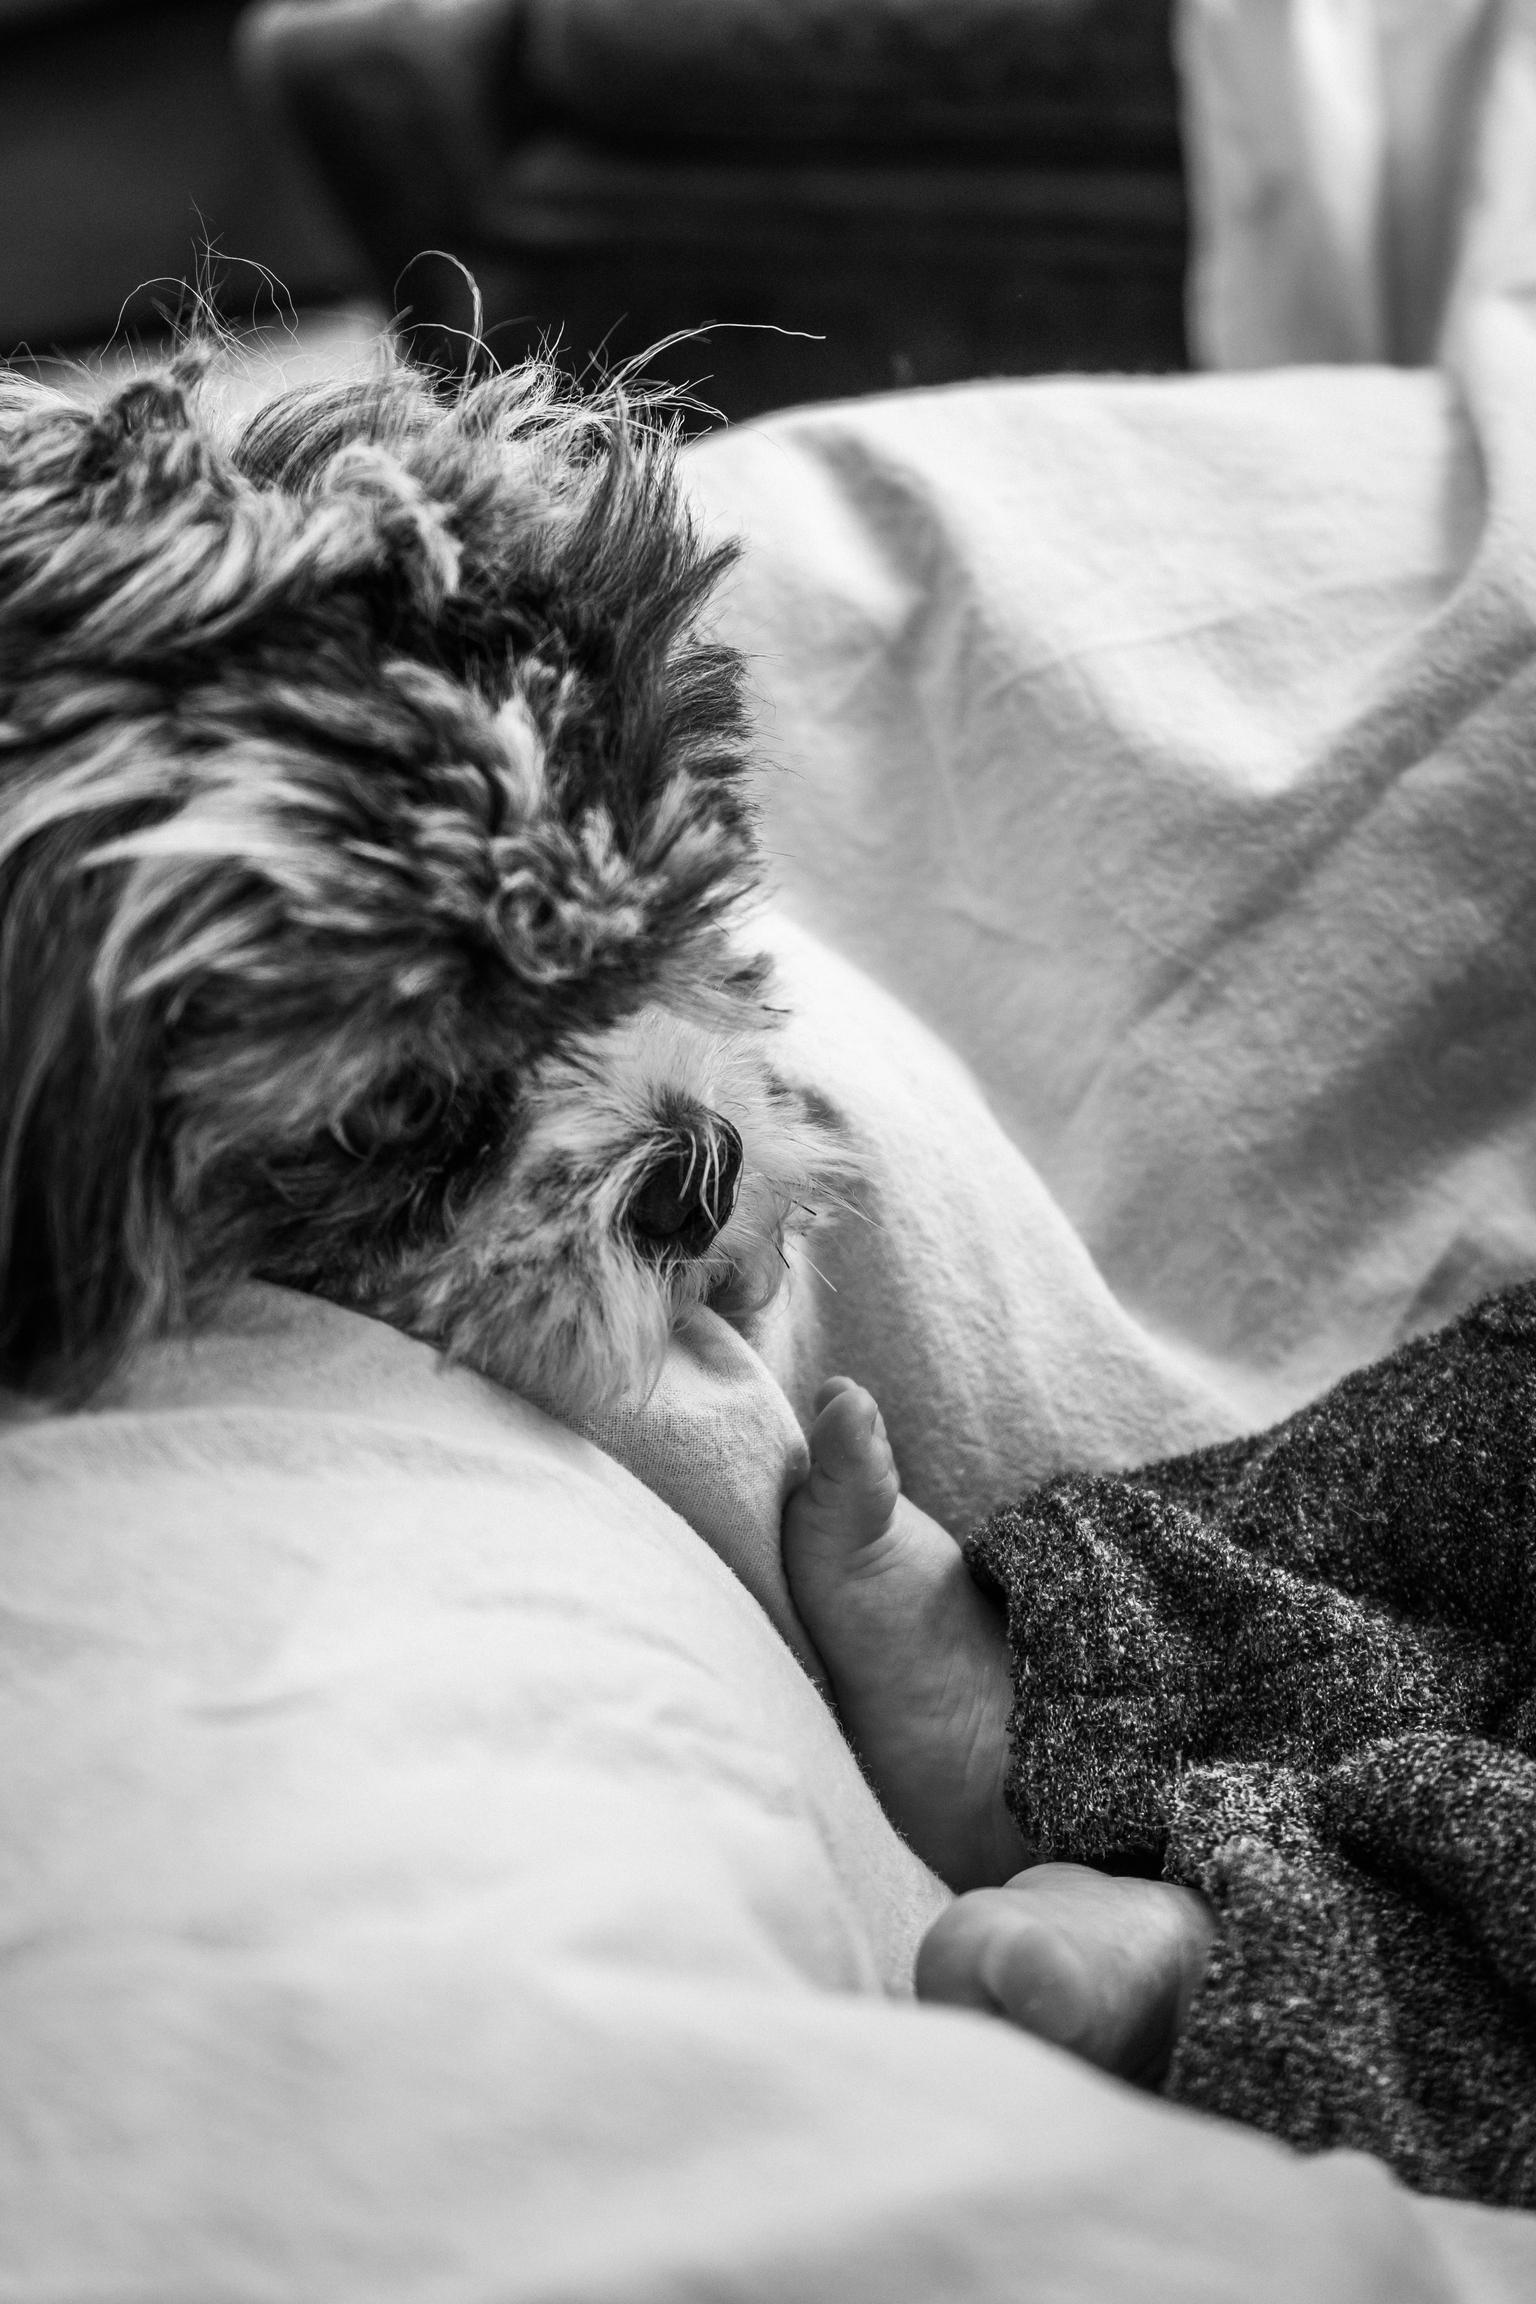 The endless love - De liefde tussen een puppy en een pasgeboren baby. - foto door Kylie.vdh op 10-04-2021 - locatie: Steenokkerzeel, België - deze foto bevat: hond, baby, zwart-wit, close-up, liefde, gewervelde, comfort, textiel, carnivoor, zoogdier, zwart en wit, grijs, stijl, felidae, hondenras